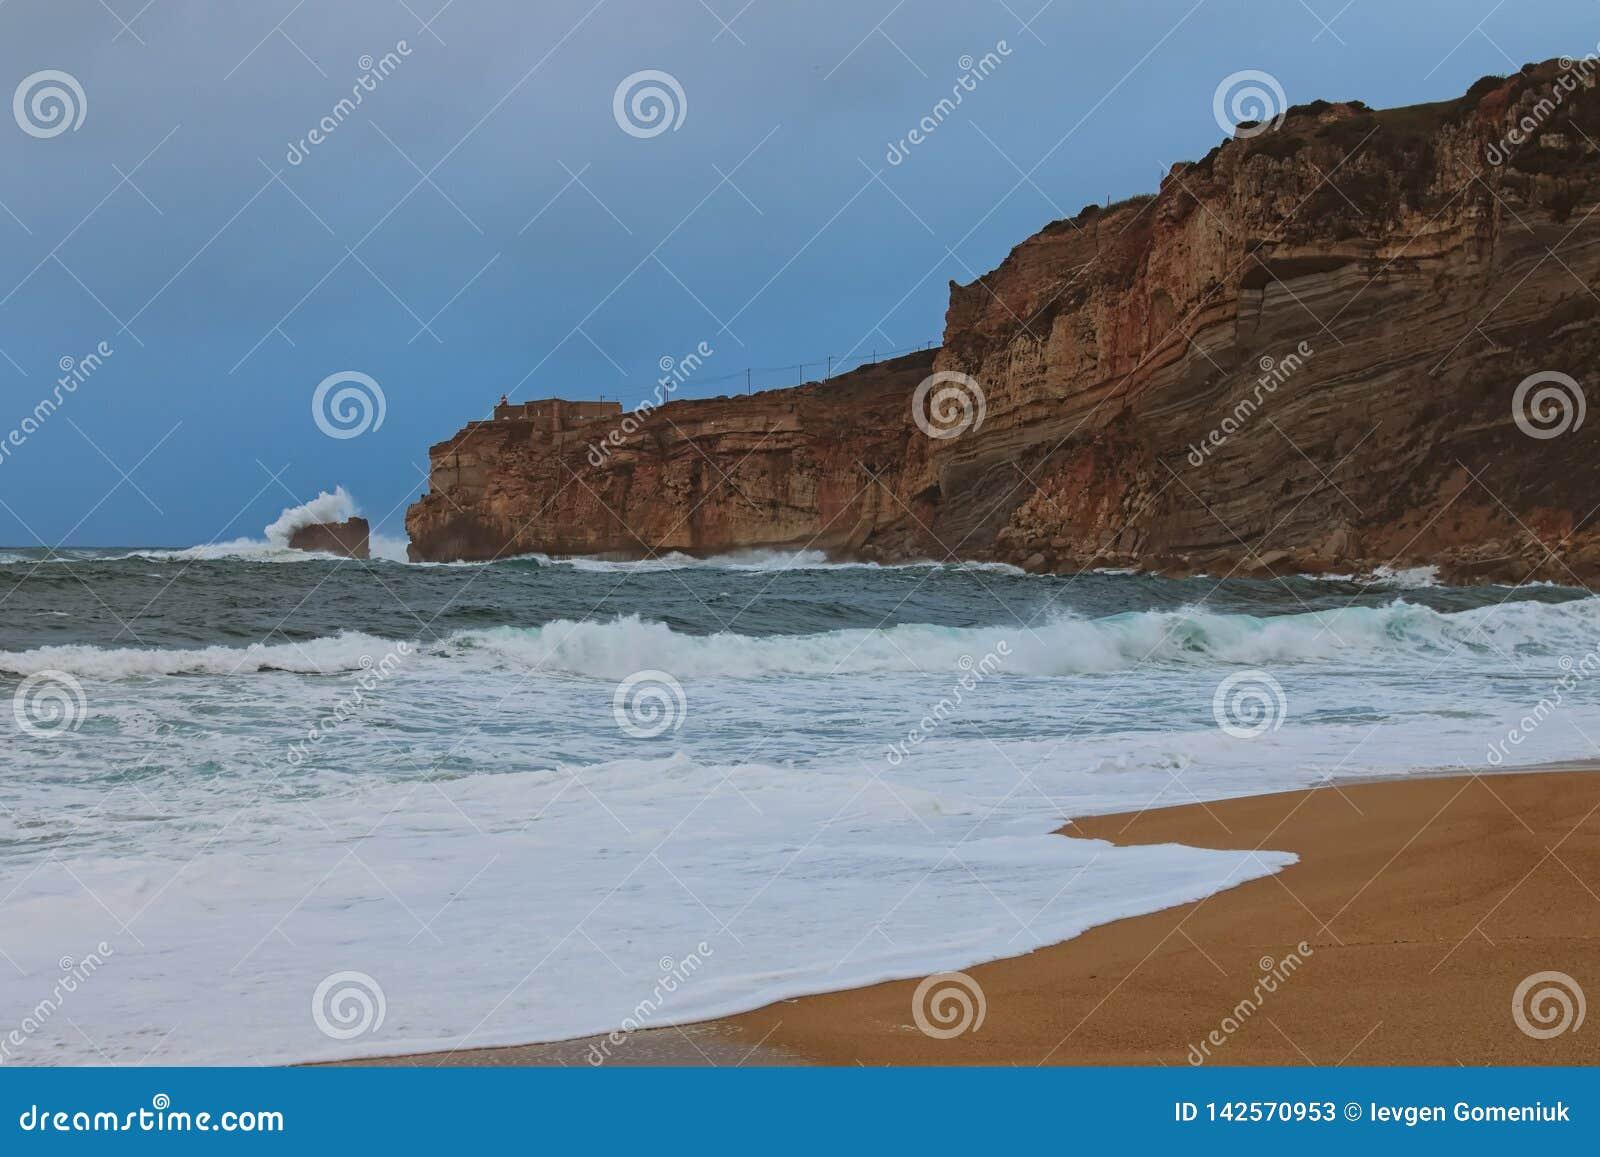 Opini?n del paisaje que sorprende de Oc?ano Atl?ntico tempestuoso cerca de la ciudad tur?stica famosa Nazare Roturas grandes de l